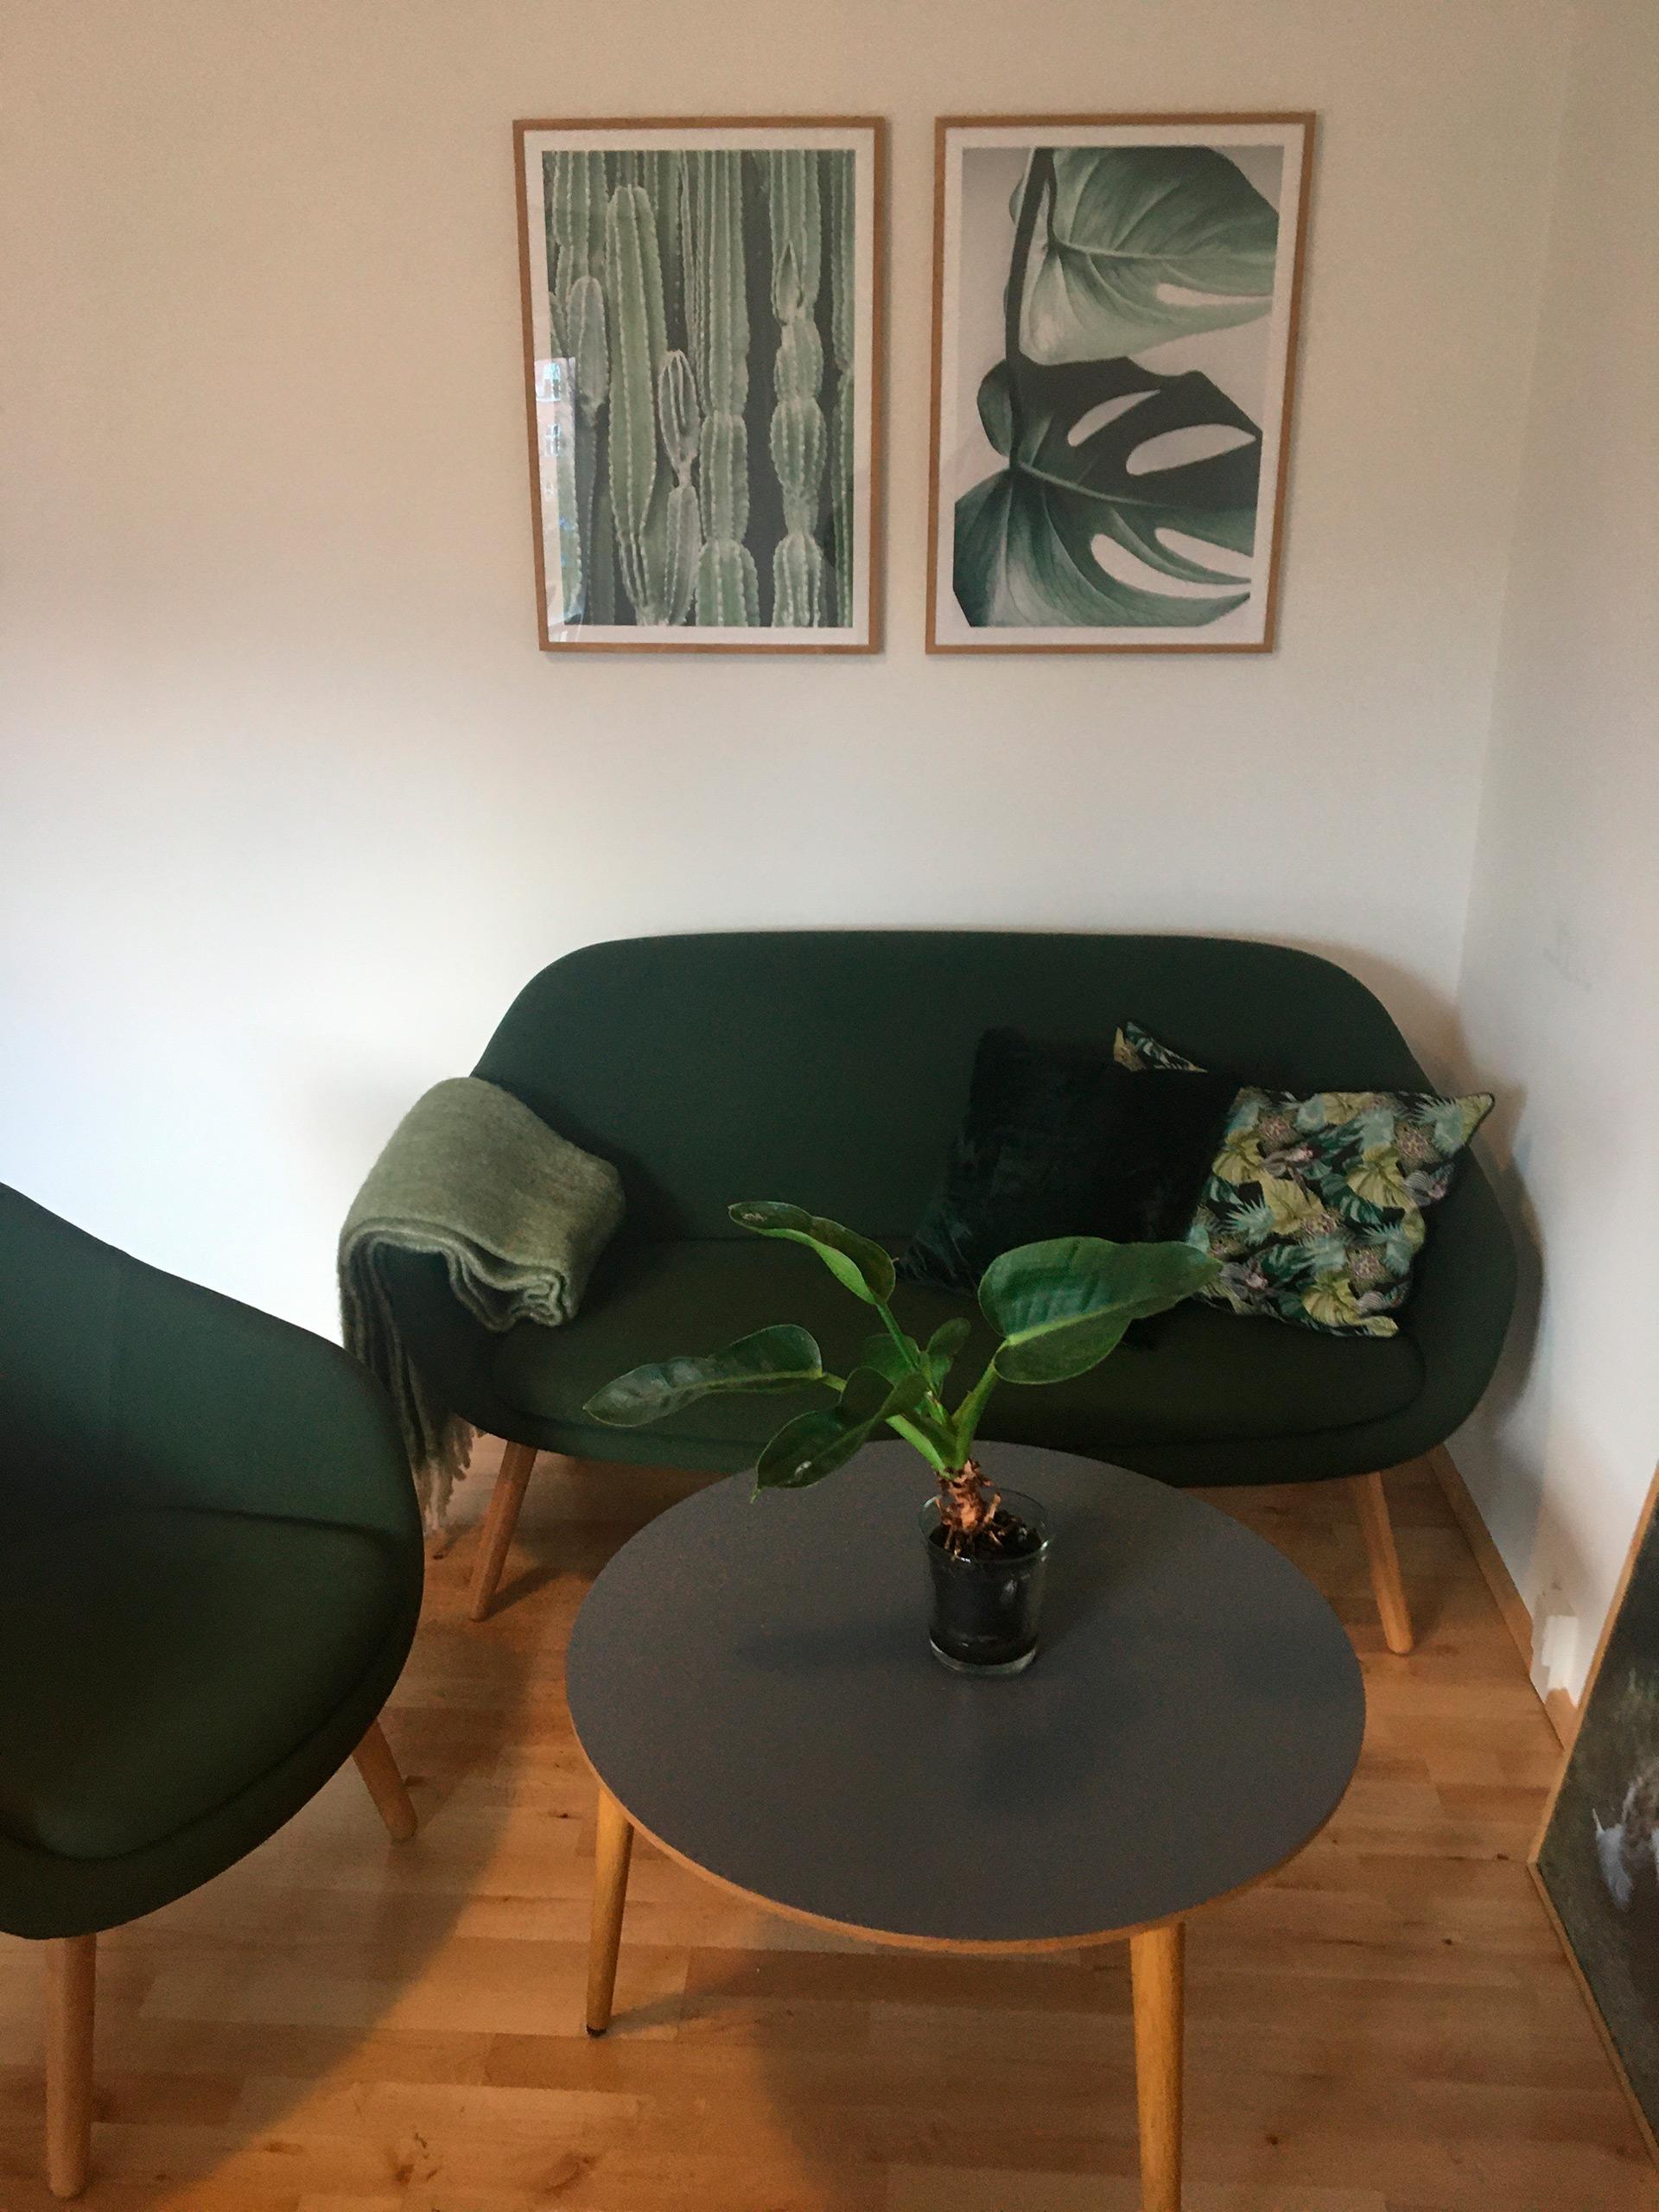 Nyindrettet lejlighed med møbler og billeder, hvor ung mand fik sit nye hjem i marts.